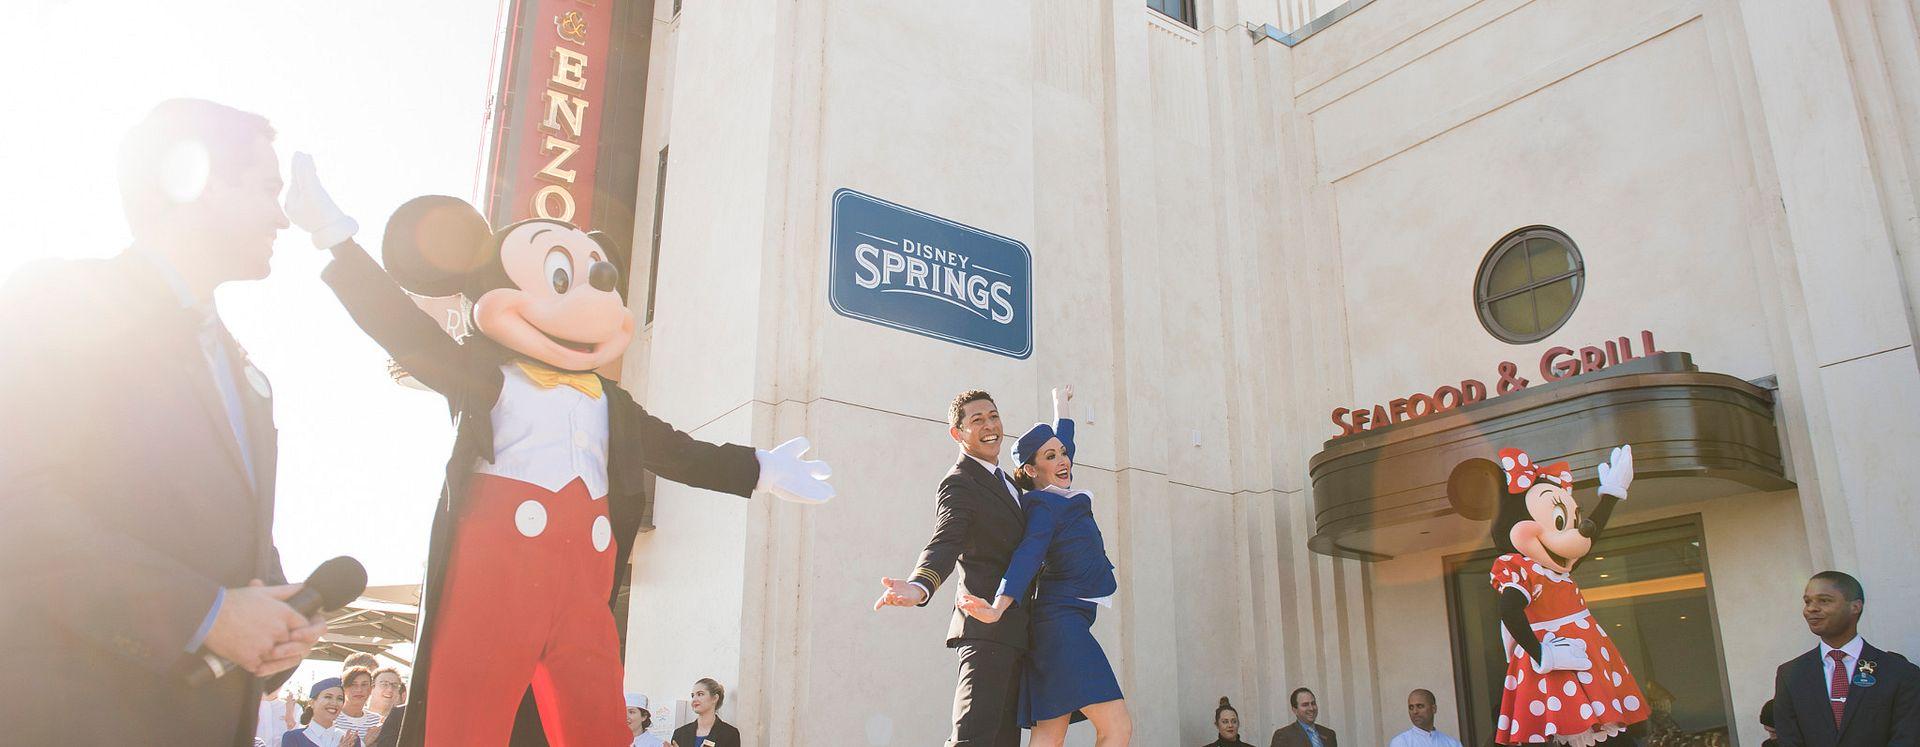 Mickey e Minnie Mouse no palco para a inauguração do Maria and Enzo's Ristorante